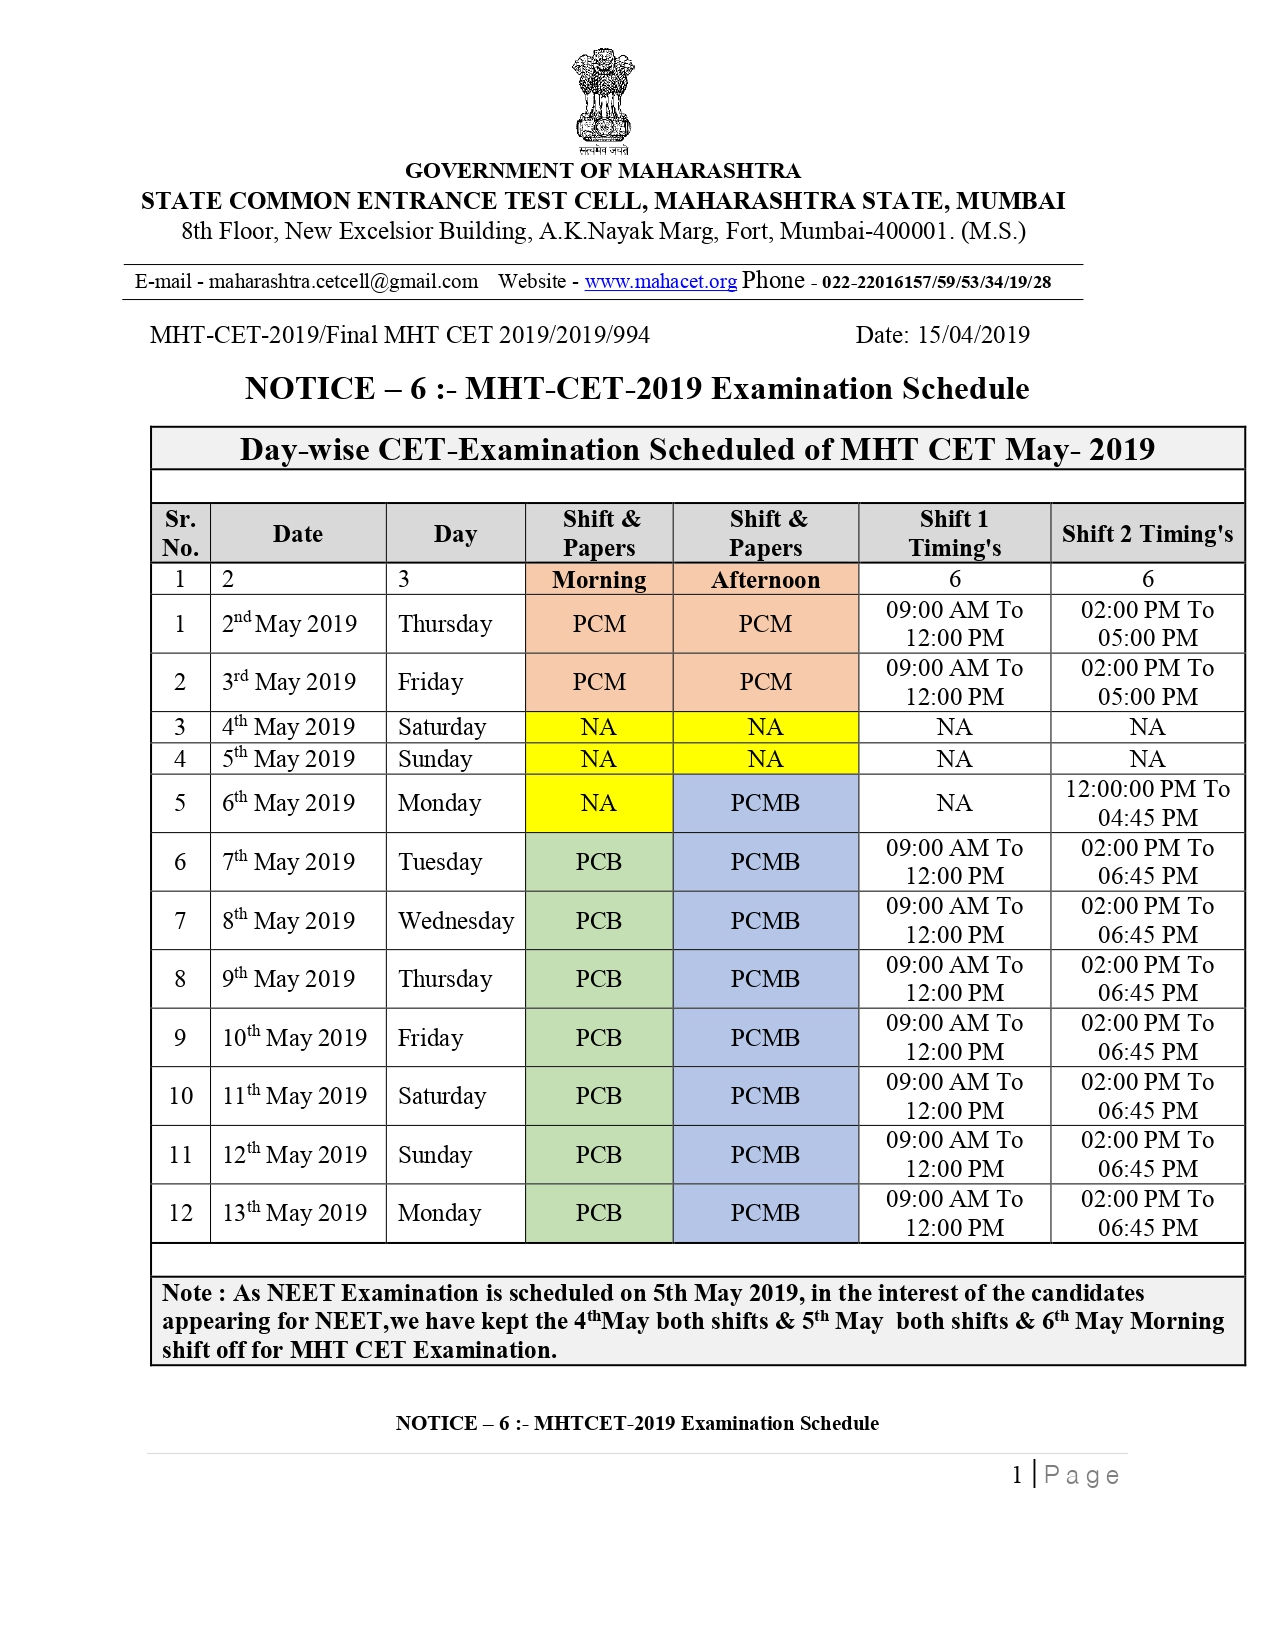 MHT-CET-2019-Examination-Schedule-page-0001.jpg